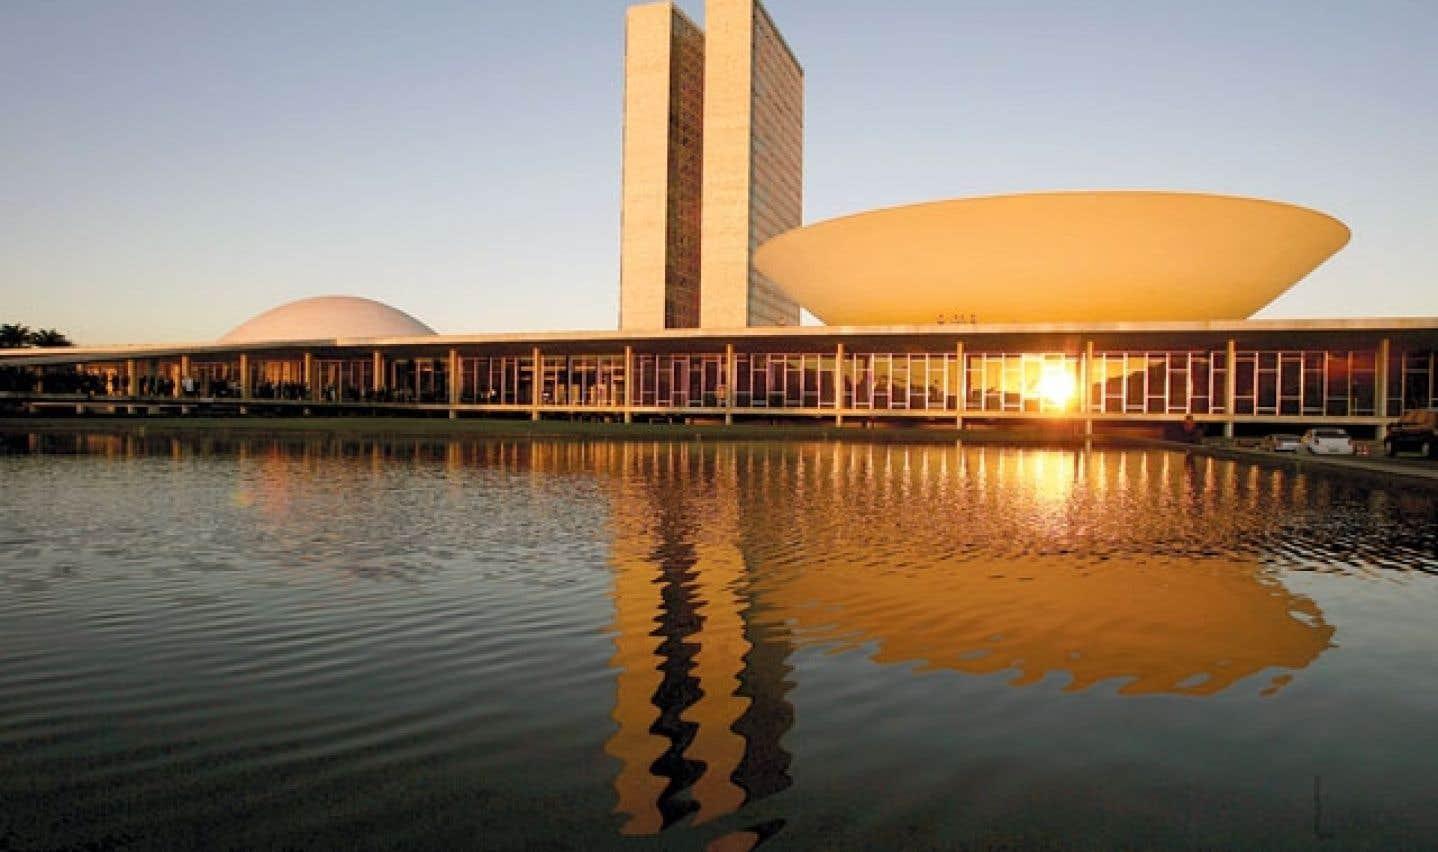 Arts visuels - L'architecte brésilien Oscar Niemeyer n'est plus